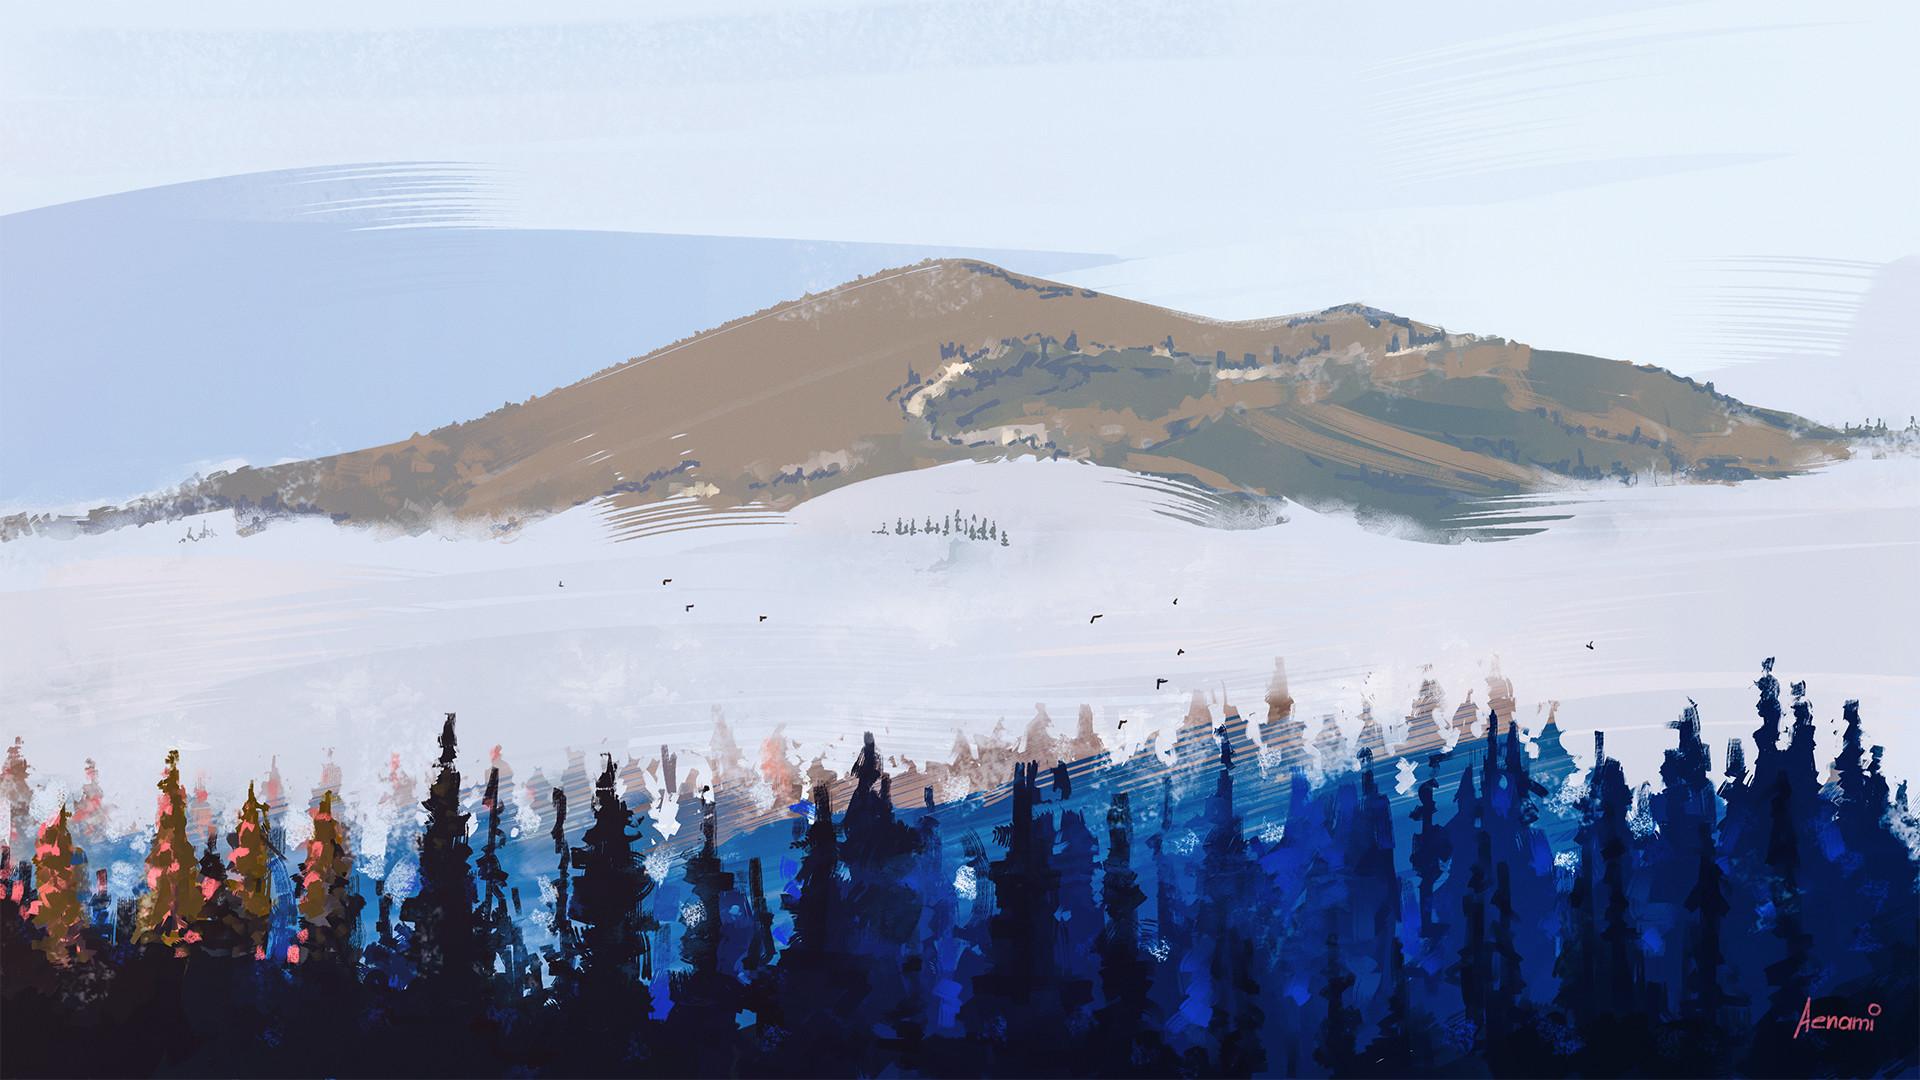 Alena aenami mountains